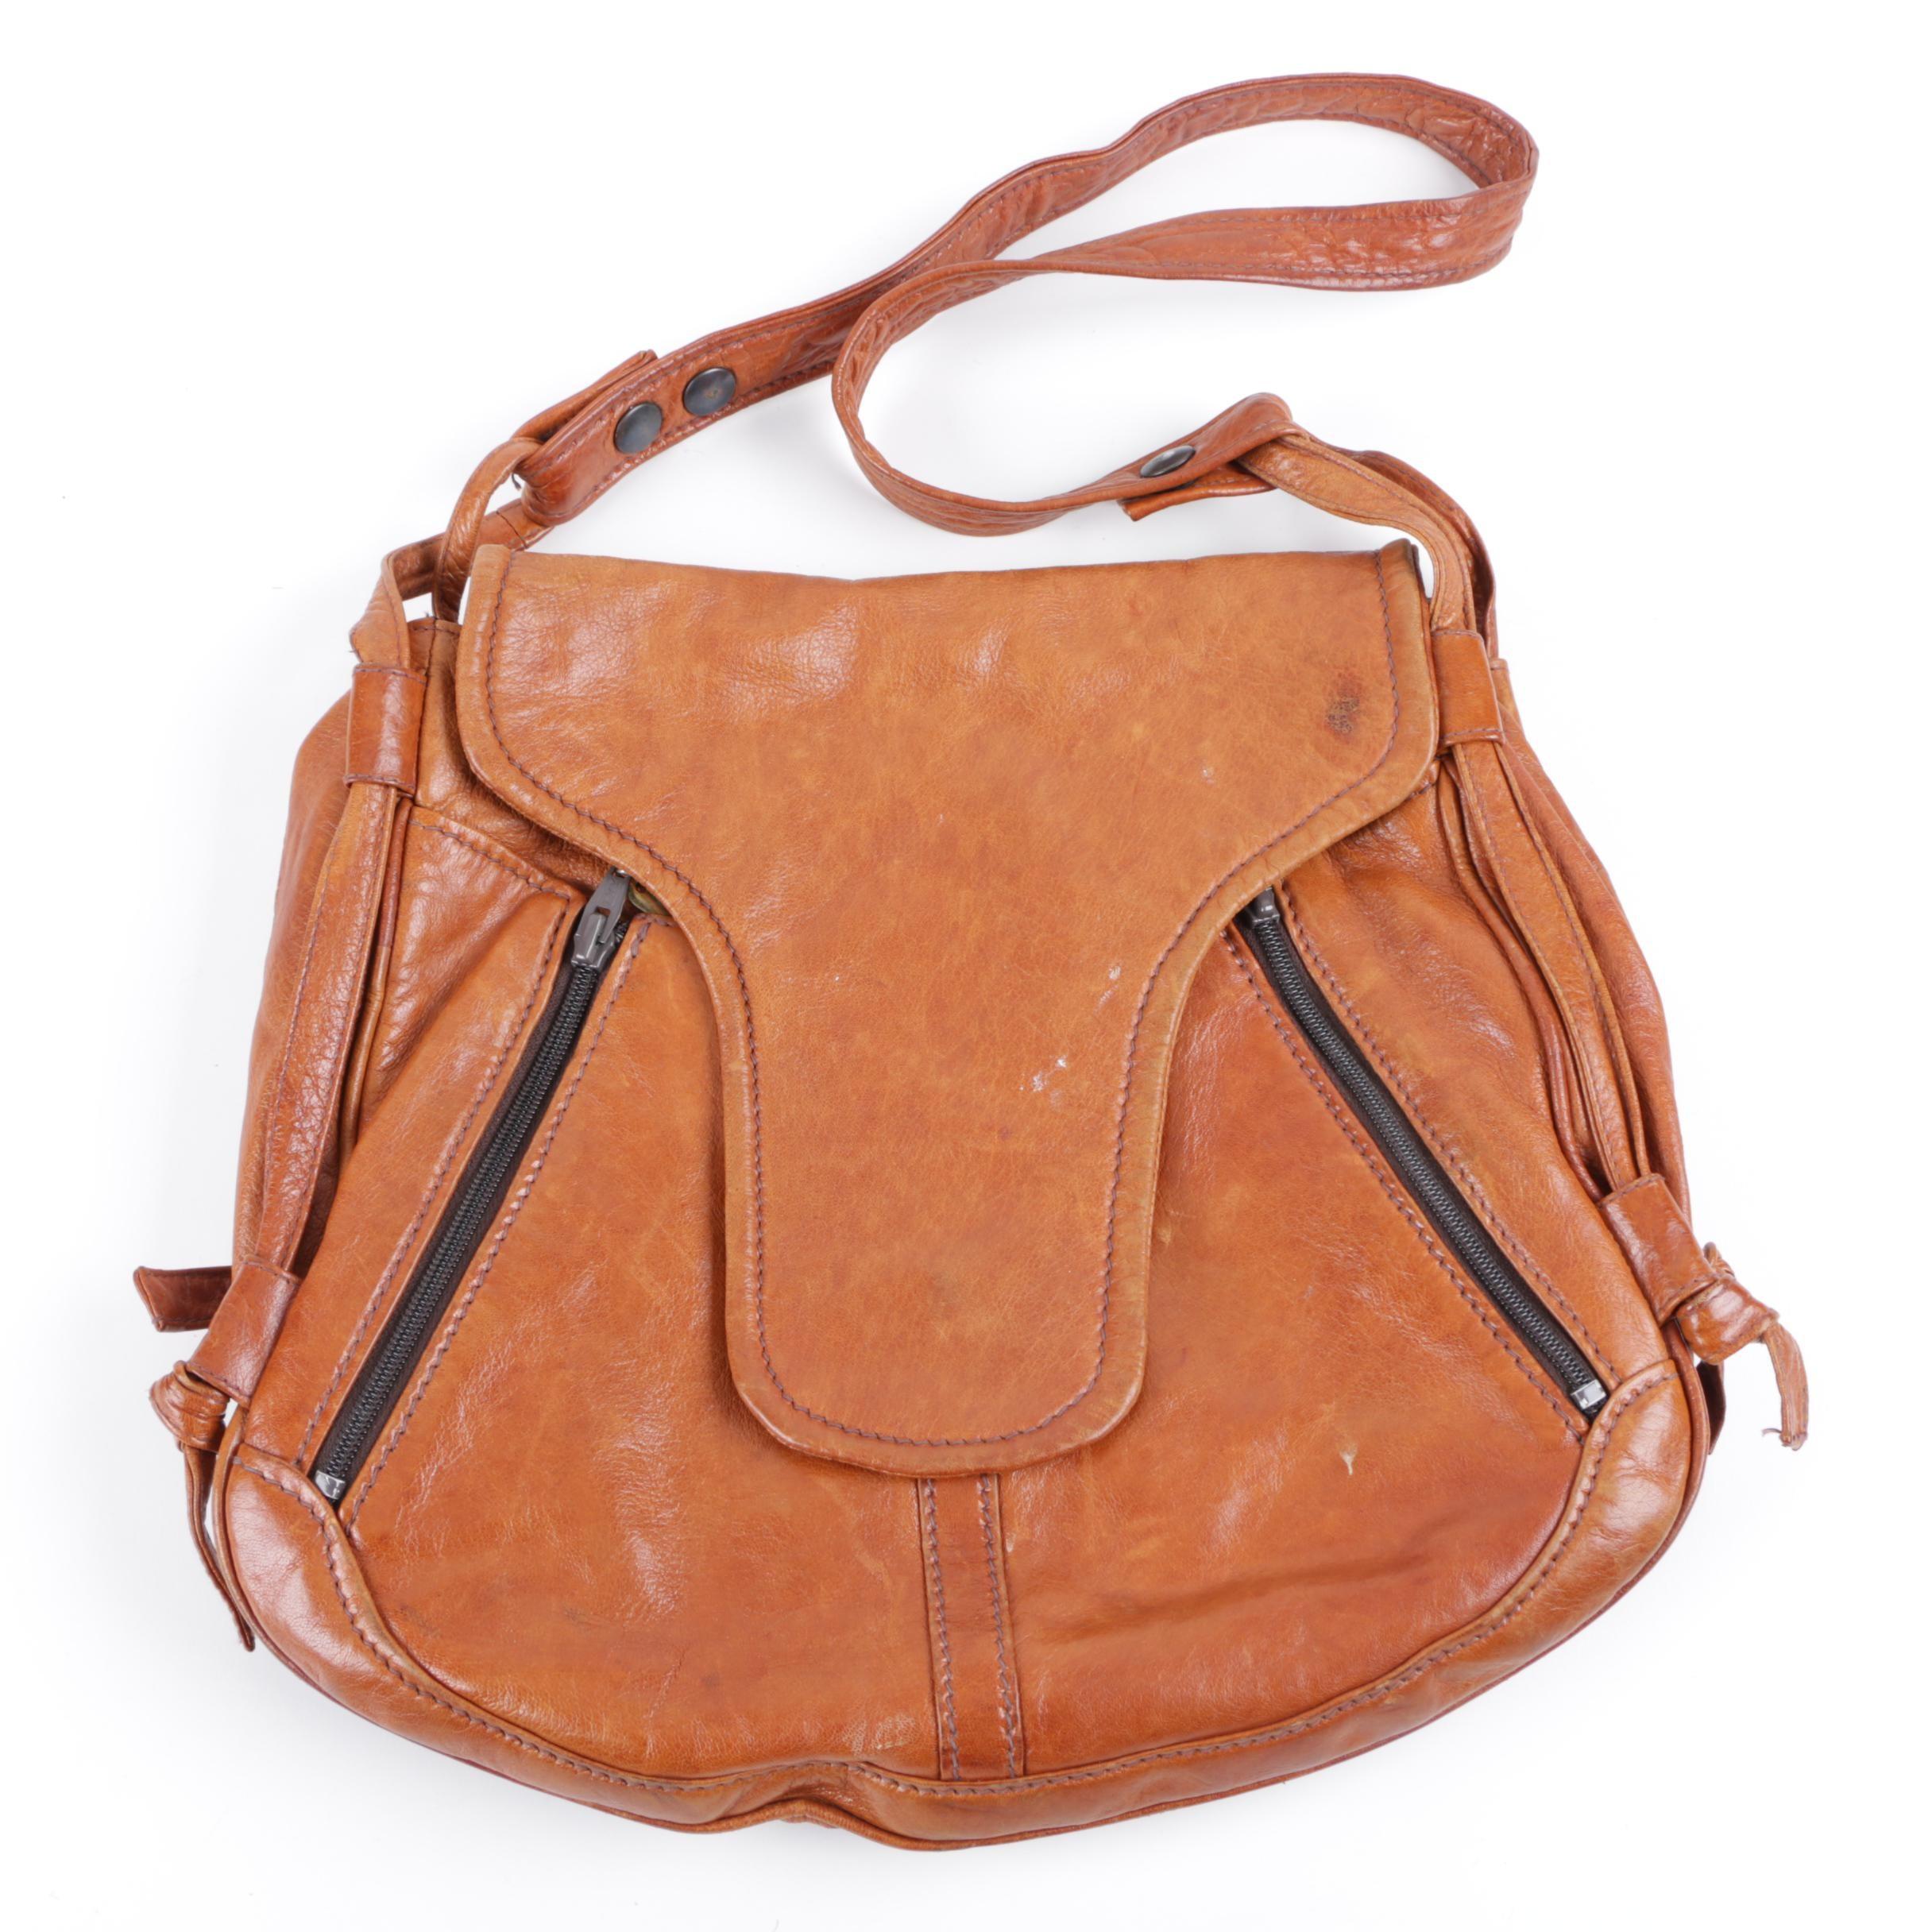 Buti Super Oscar Brown Leather Shoulder Bag